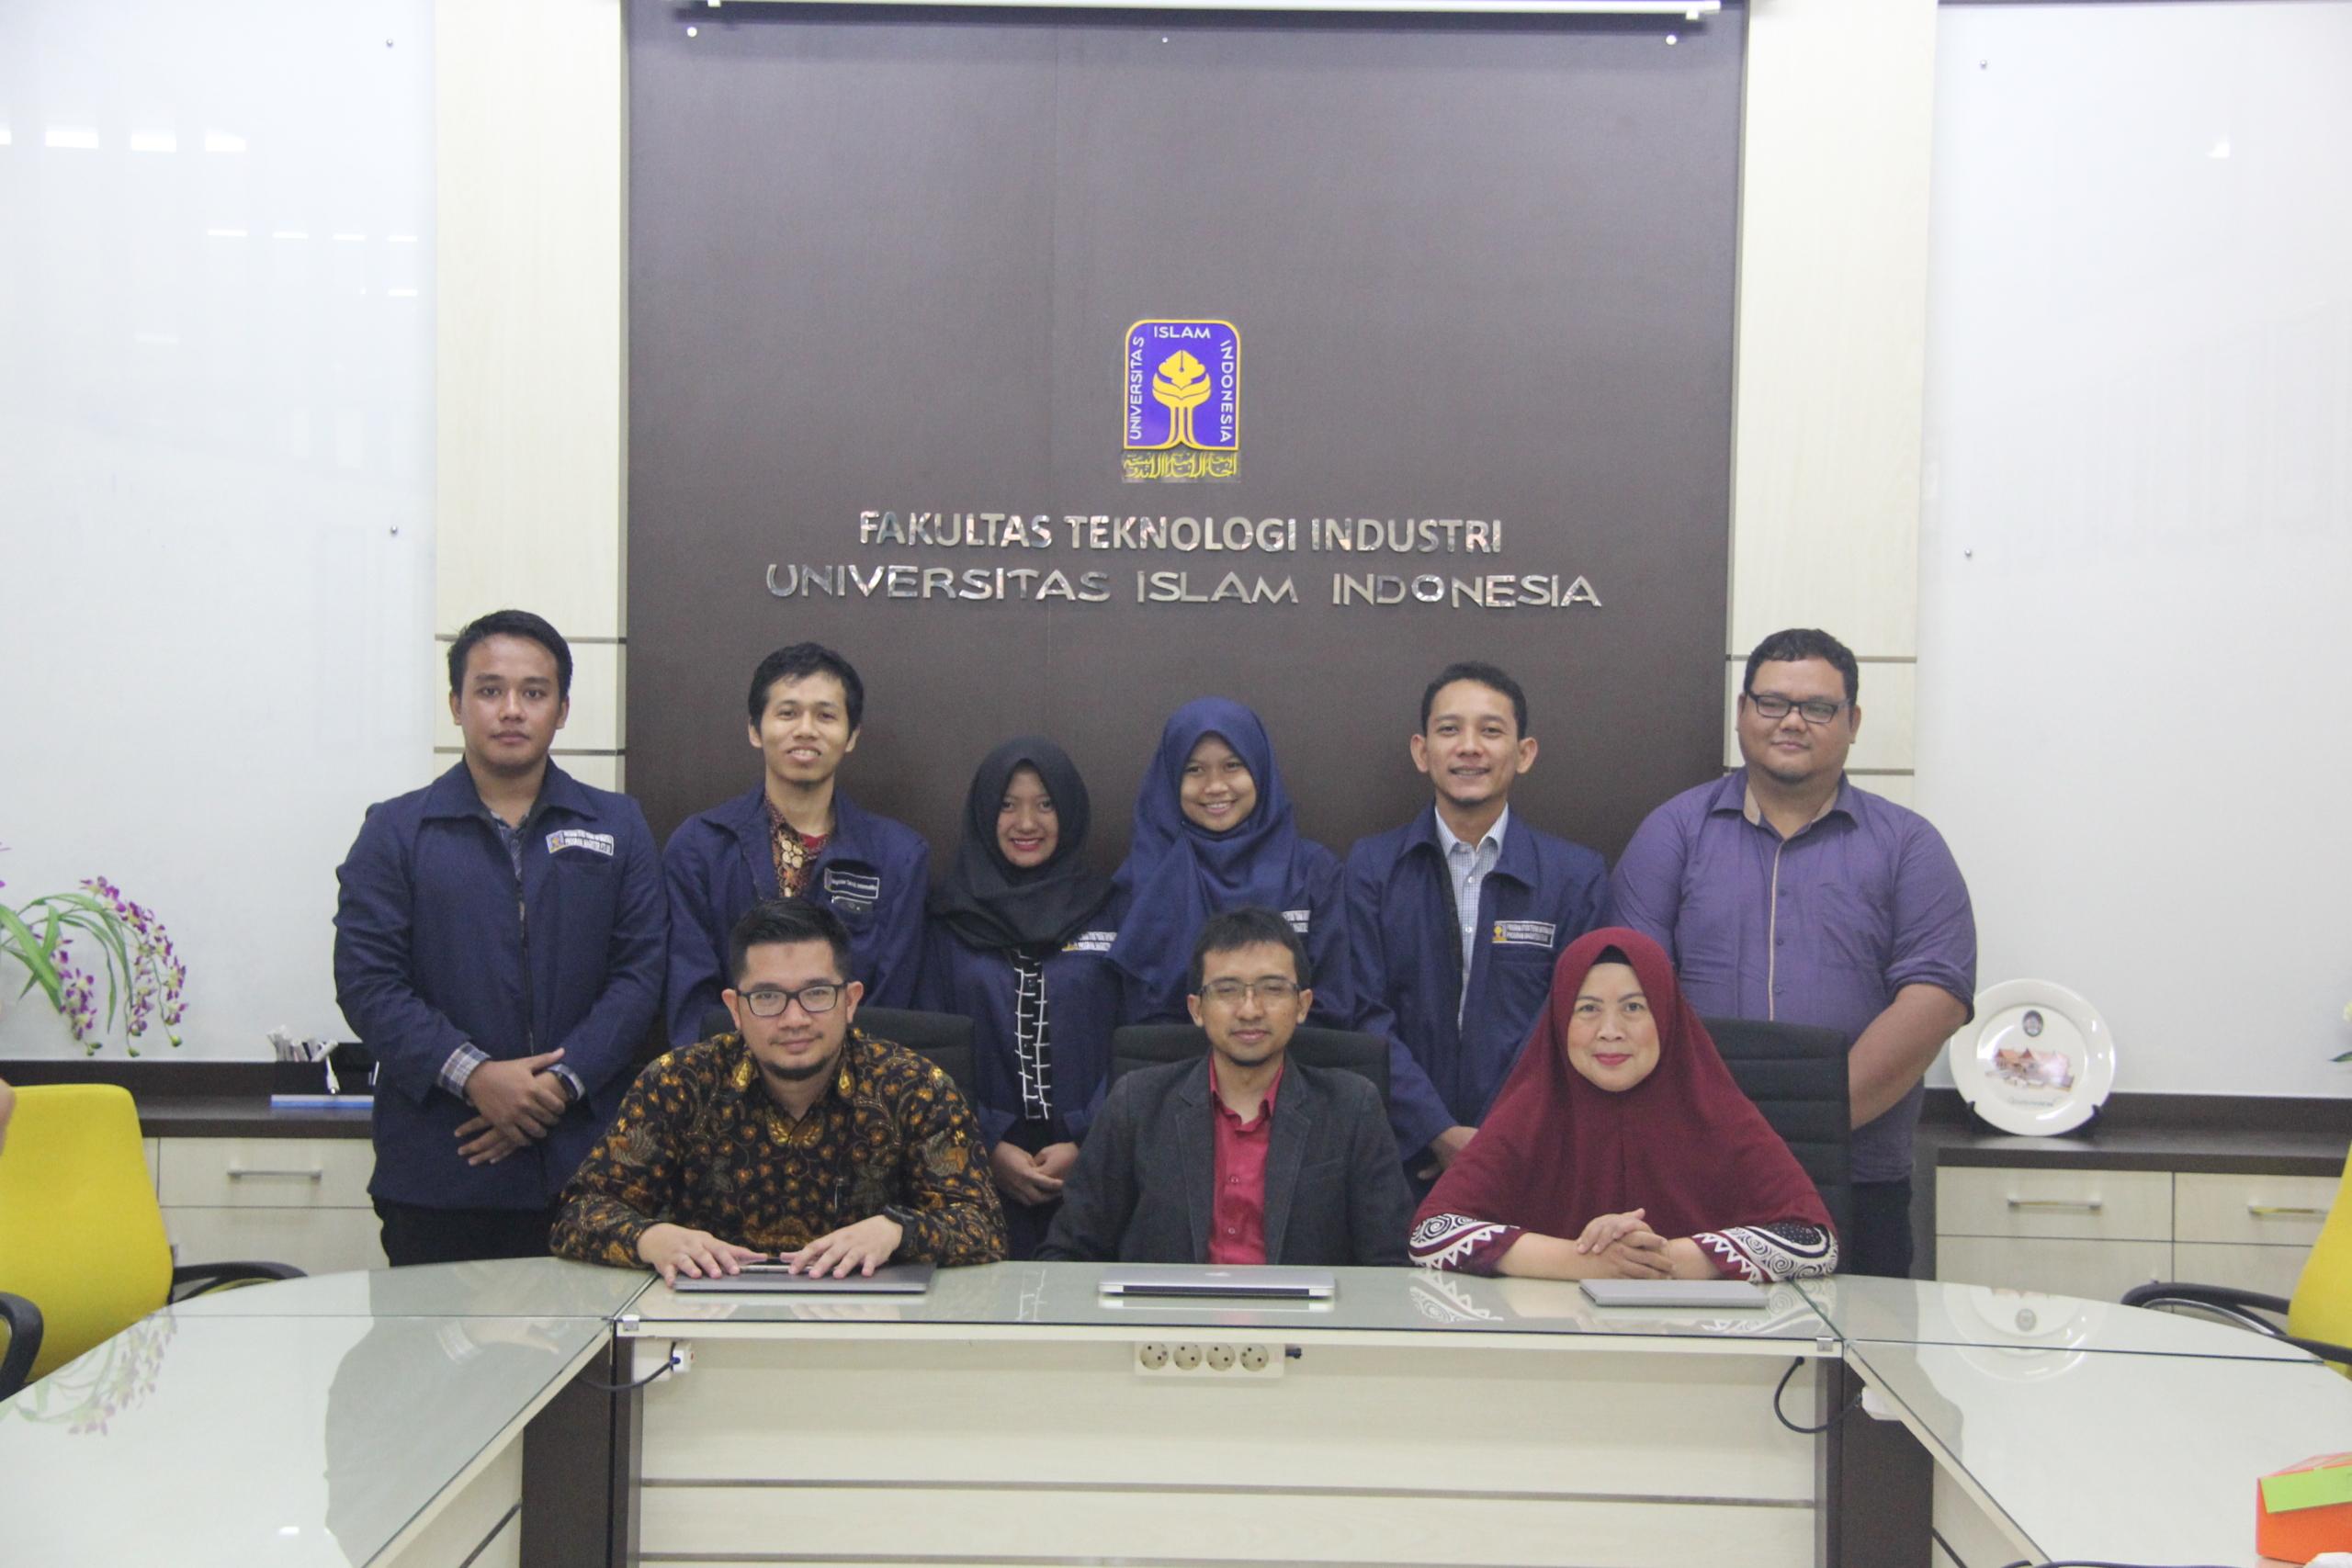 Mahasiswa penerima hibah penelitian tesis bersama para dosen pembimbing